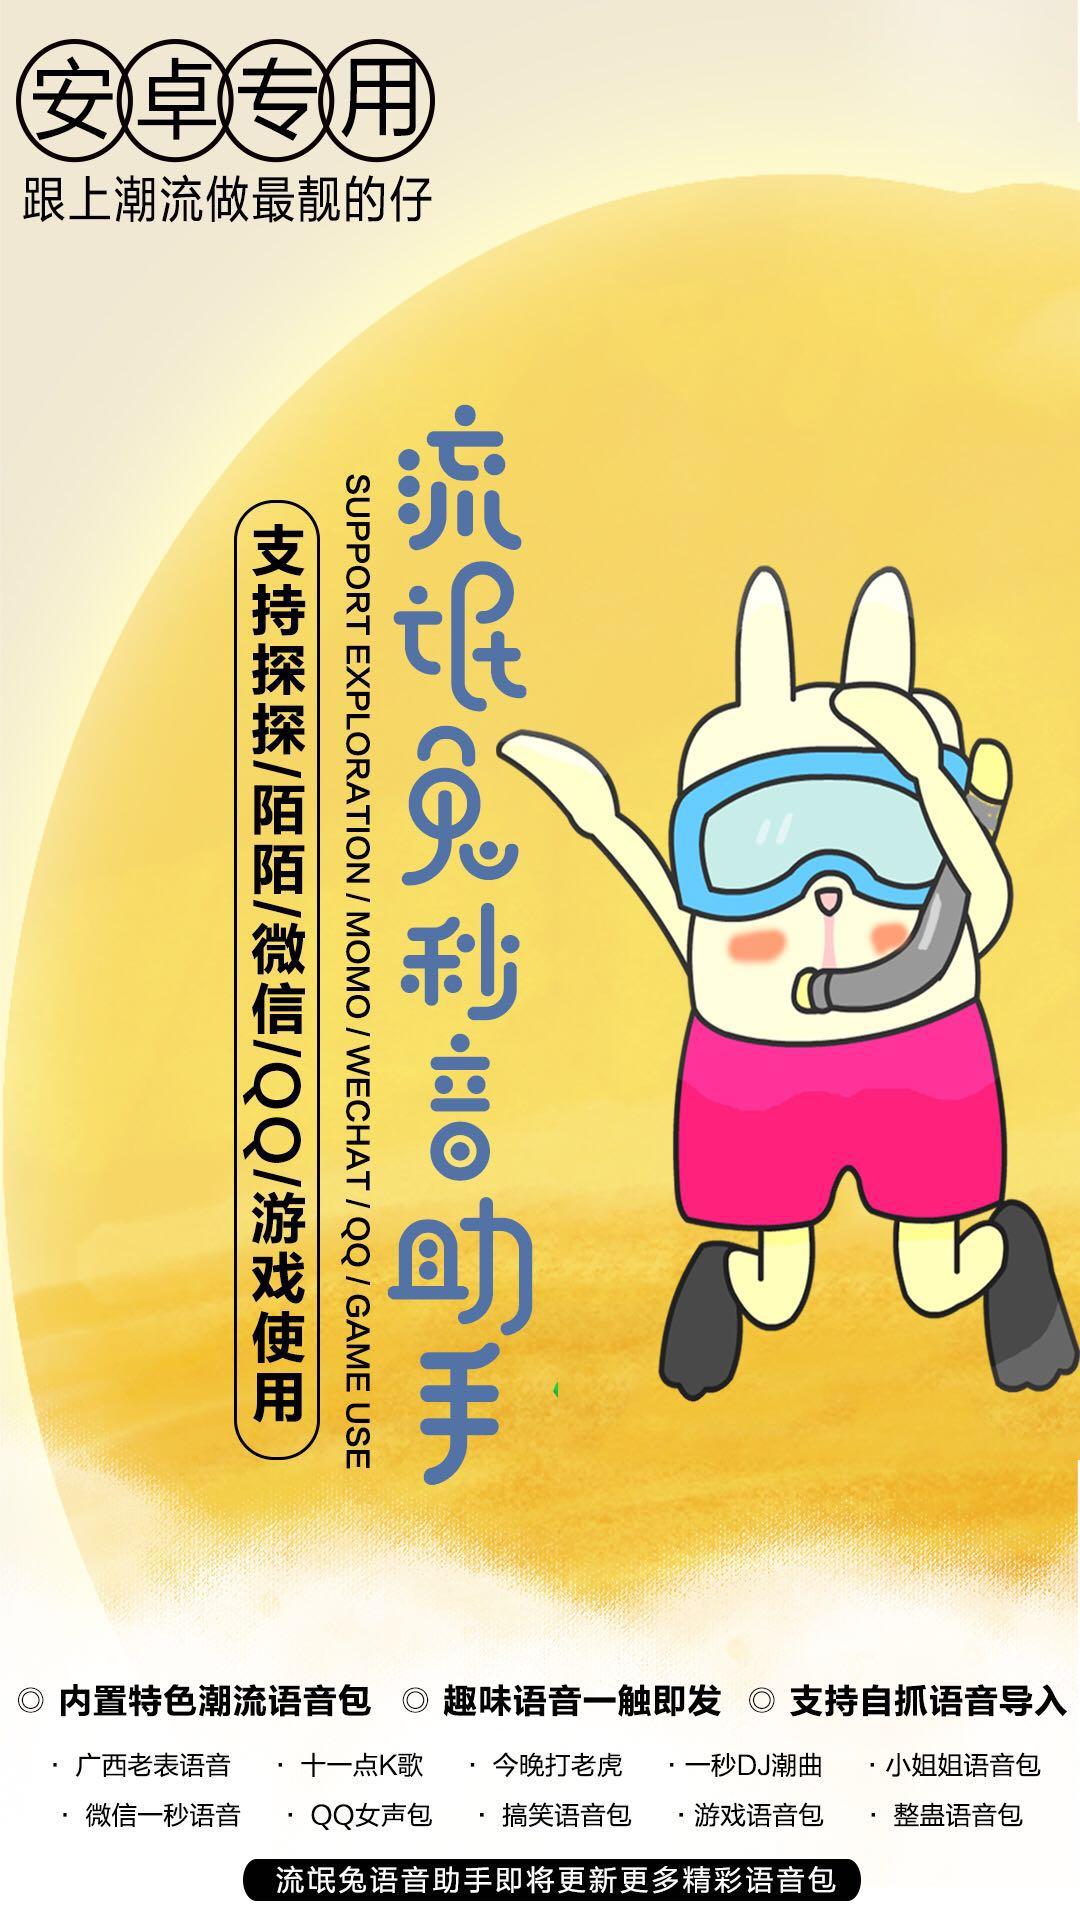 【流浪兔秒音助手官网】安卓微信 一秒语音 一秒DJ潮曲 招代理